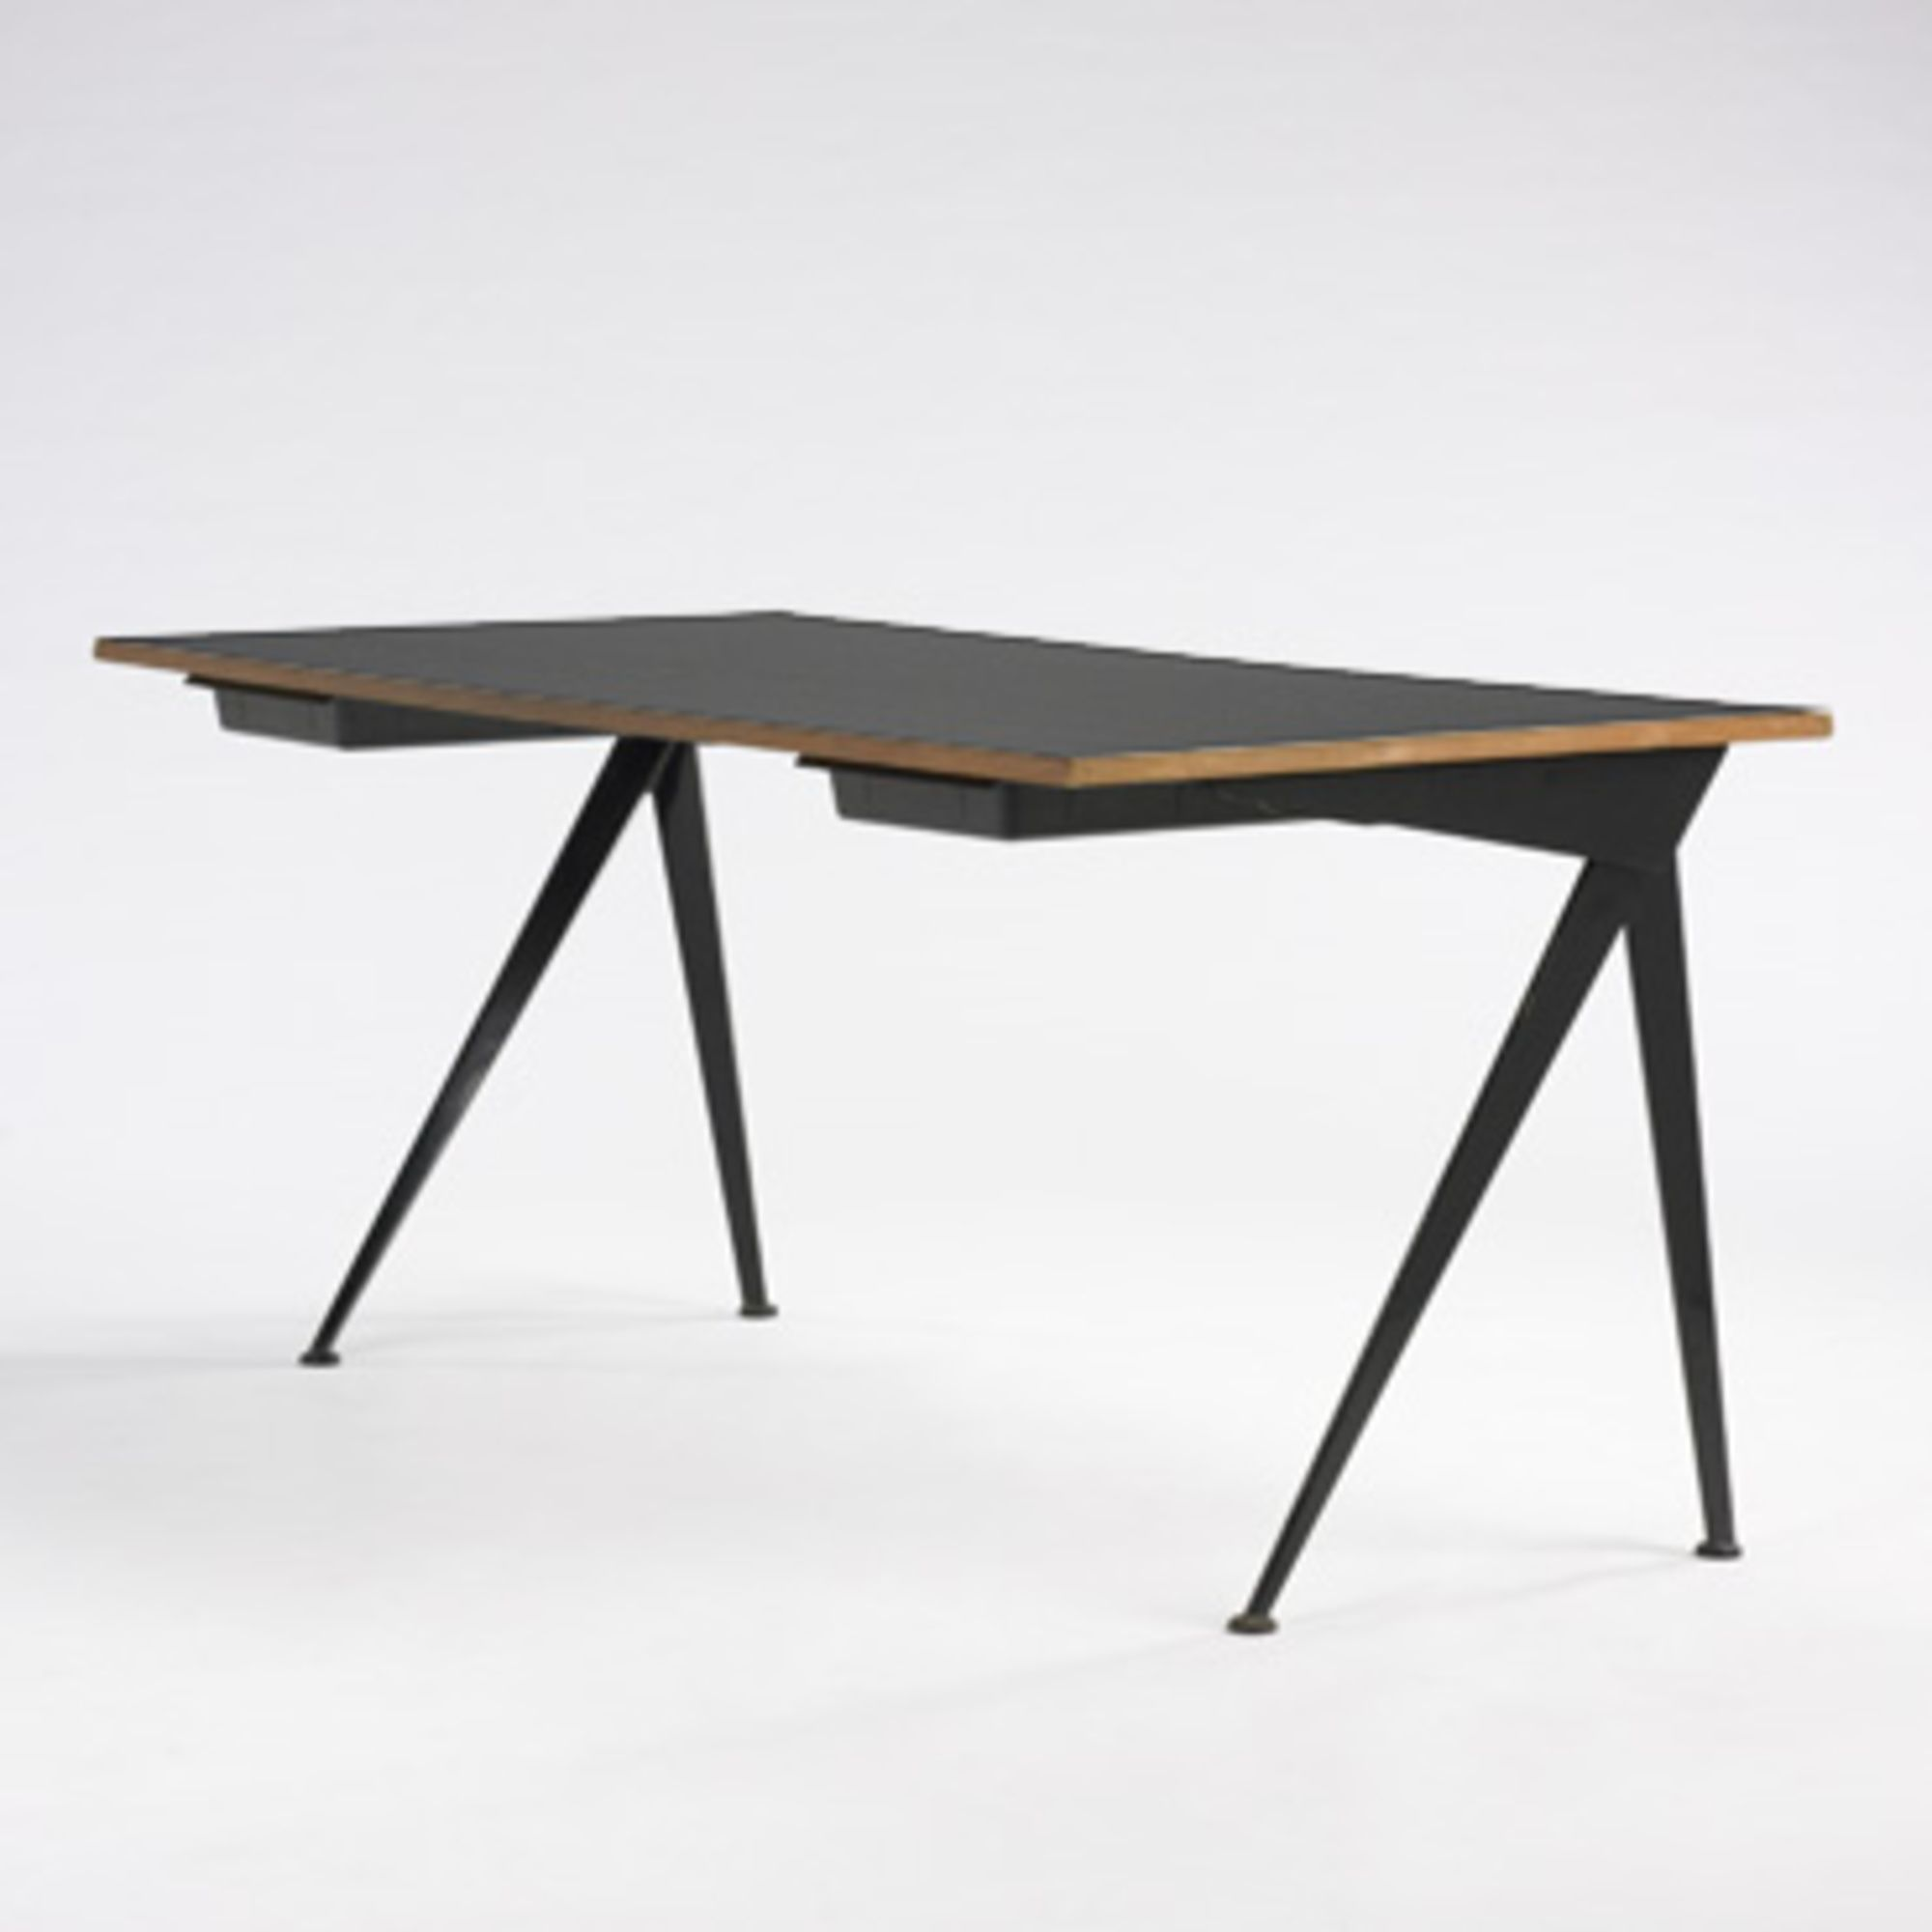 Lot 339 Jean Prouve Compass Desk C 1955 Laminated Oak